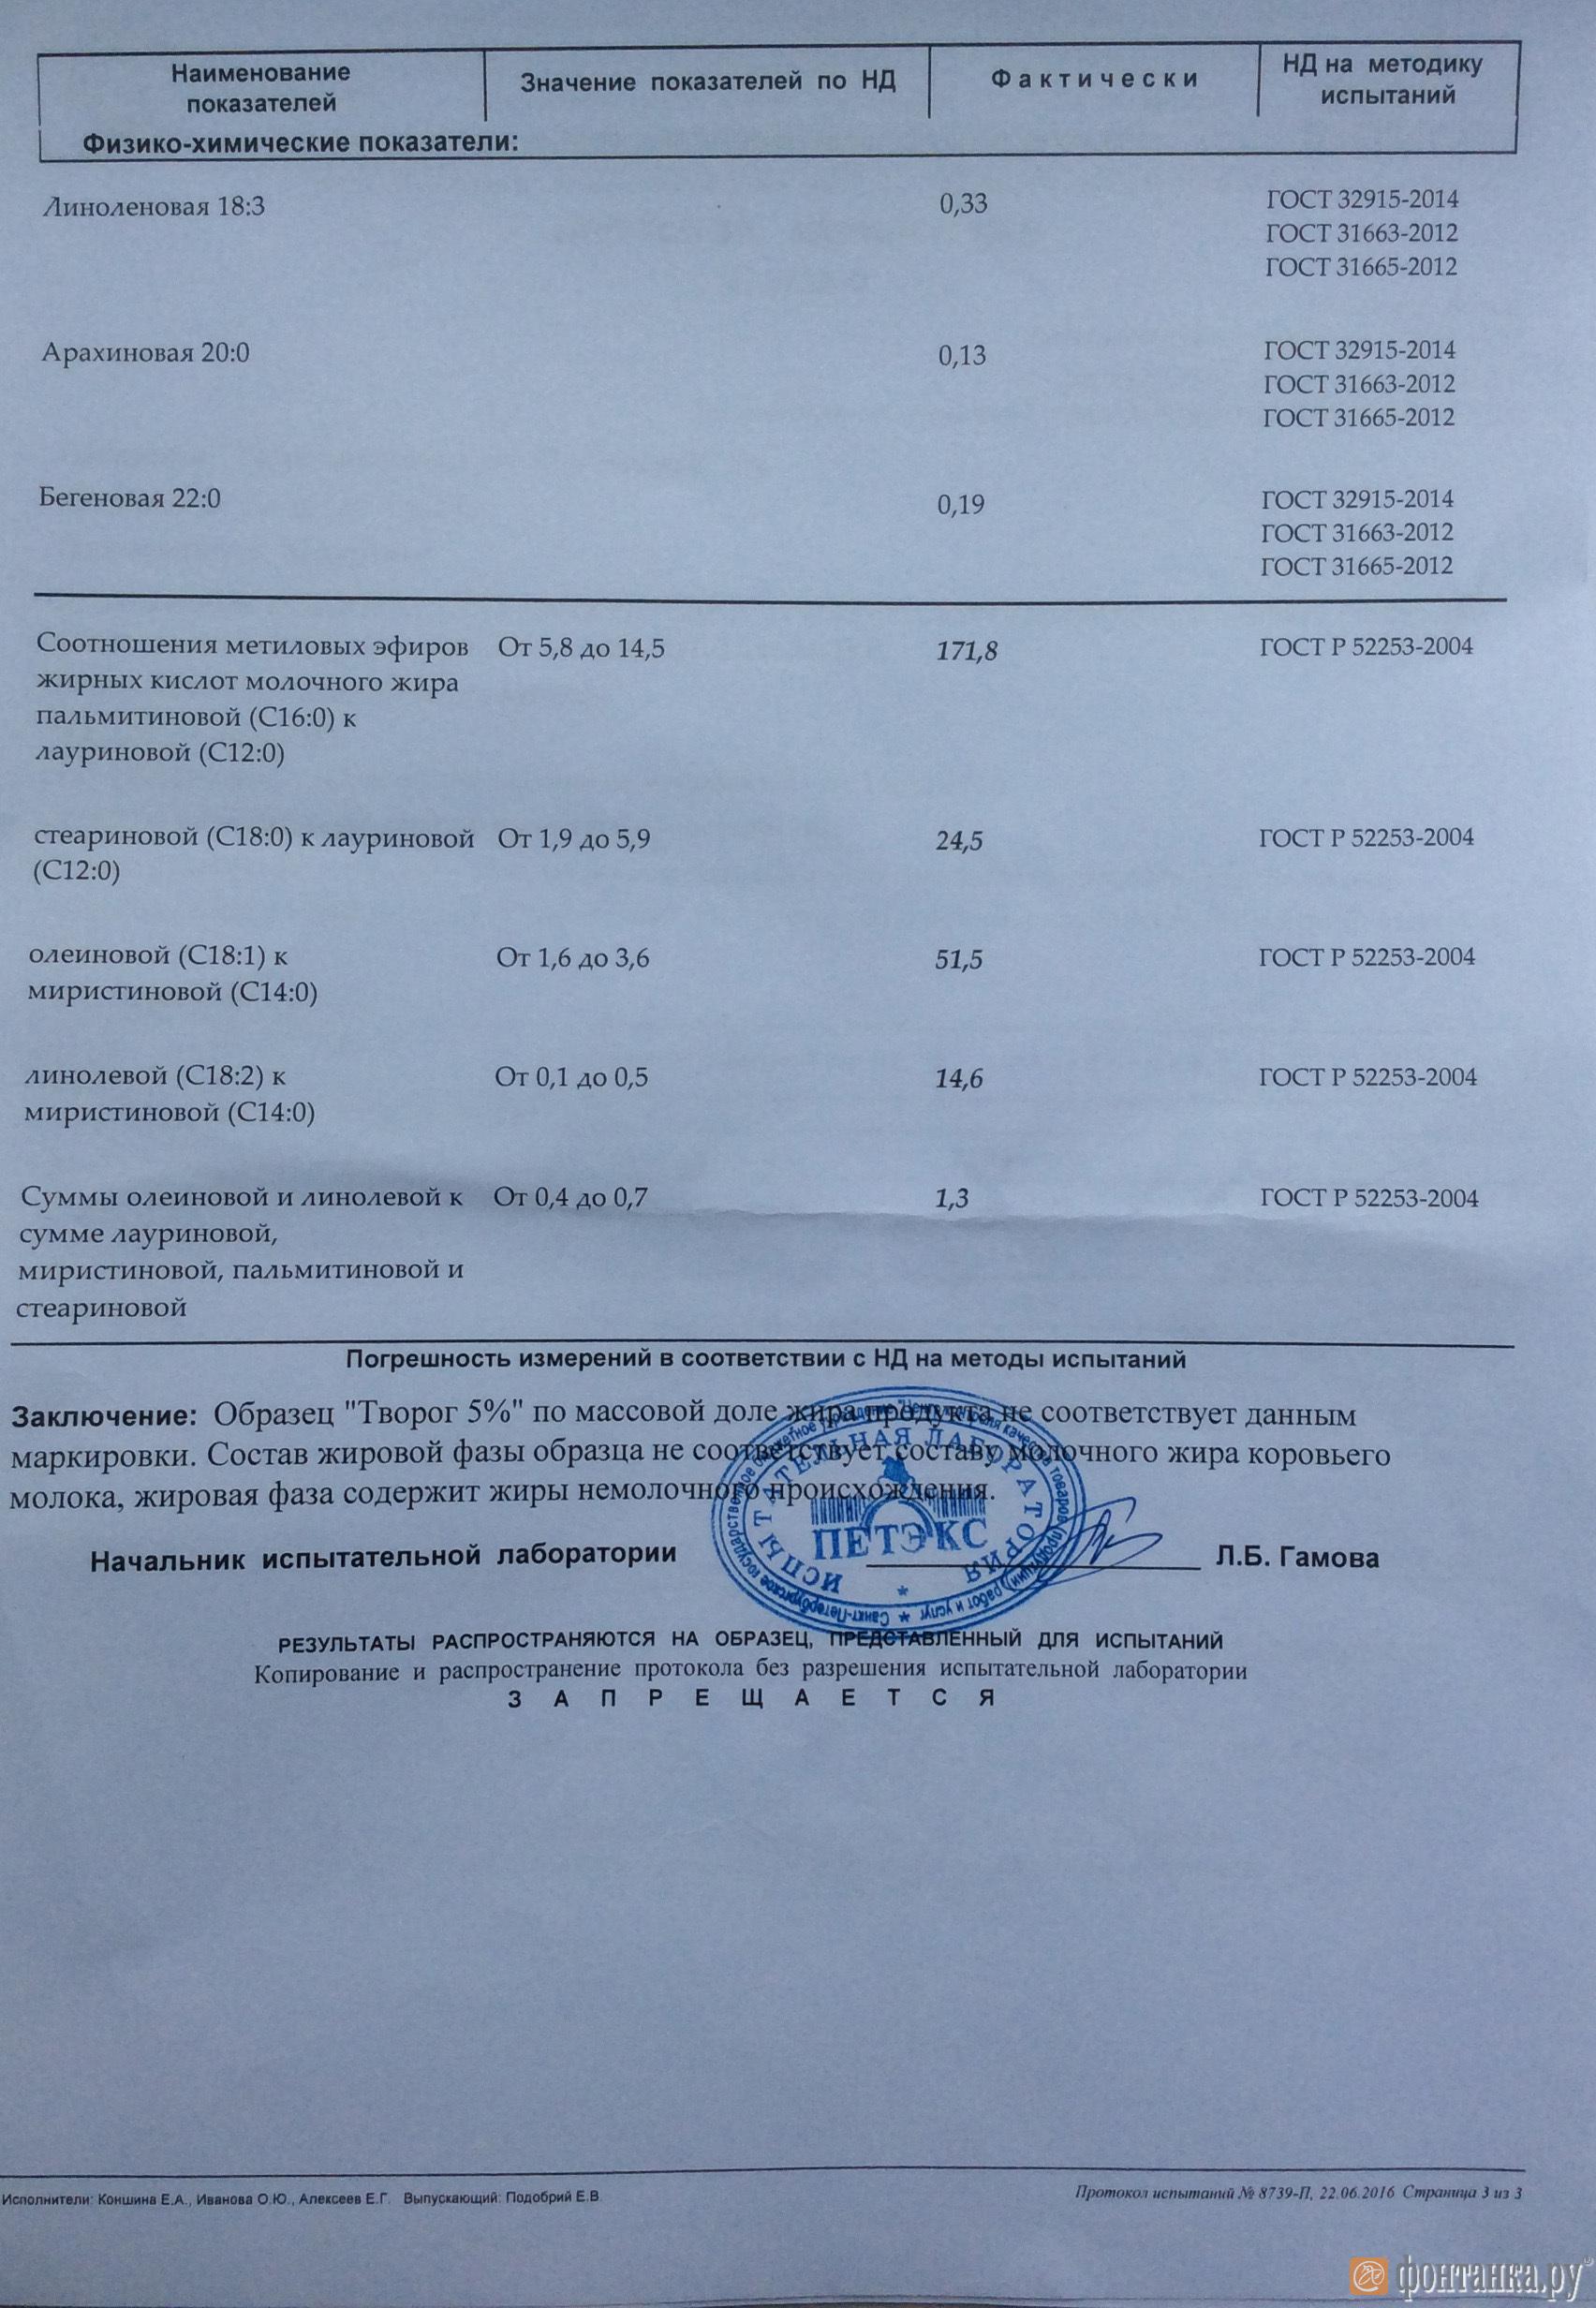 Результаты анализов 5%-ного творога ГОСТ, купленного на Бульваре Новаторов